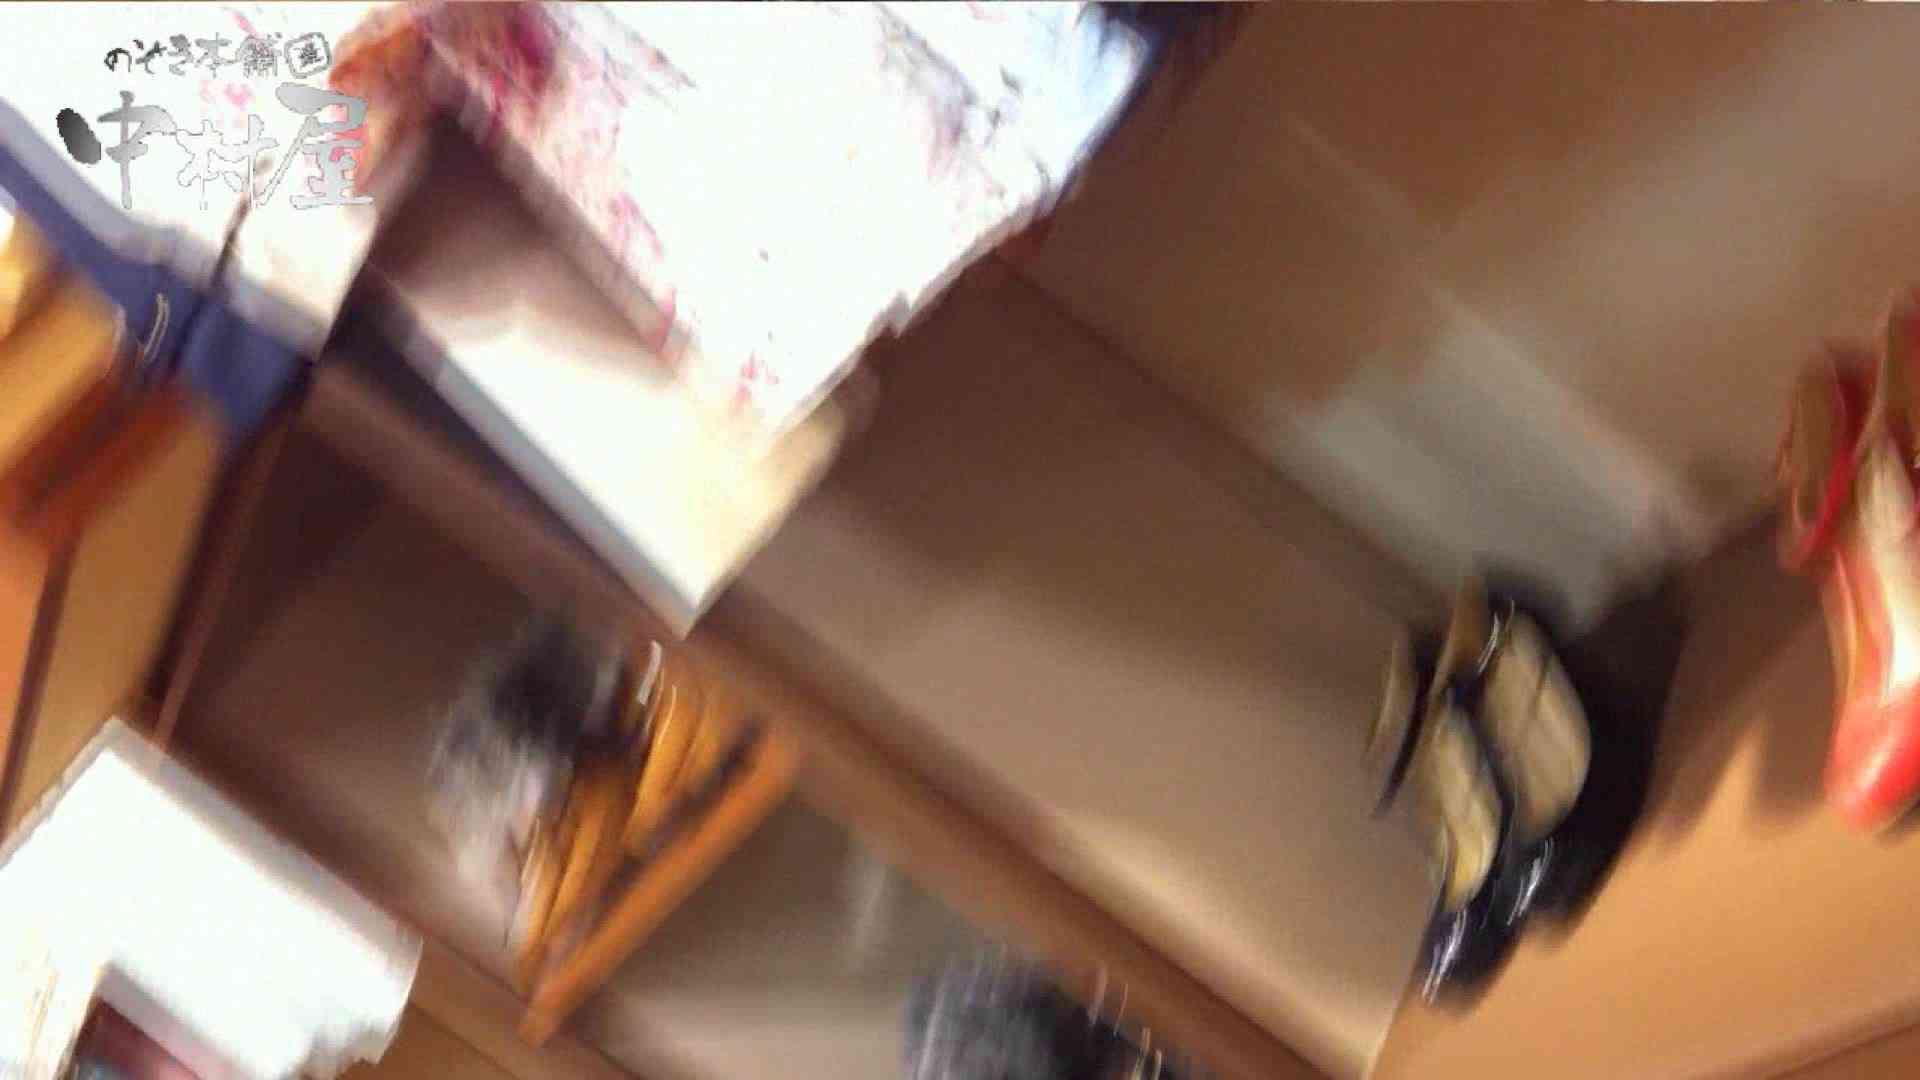 vol.57 美人アパレル胸チラ&パンチラ 激カワ店員のおっぱい おっぱい のぞき動画画像 67枚 65